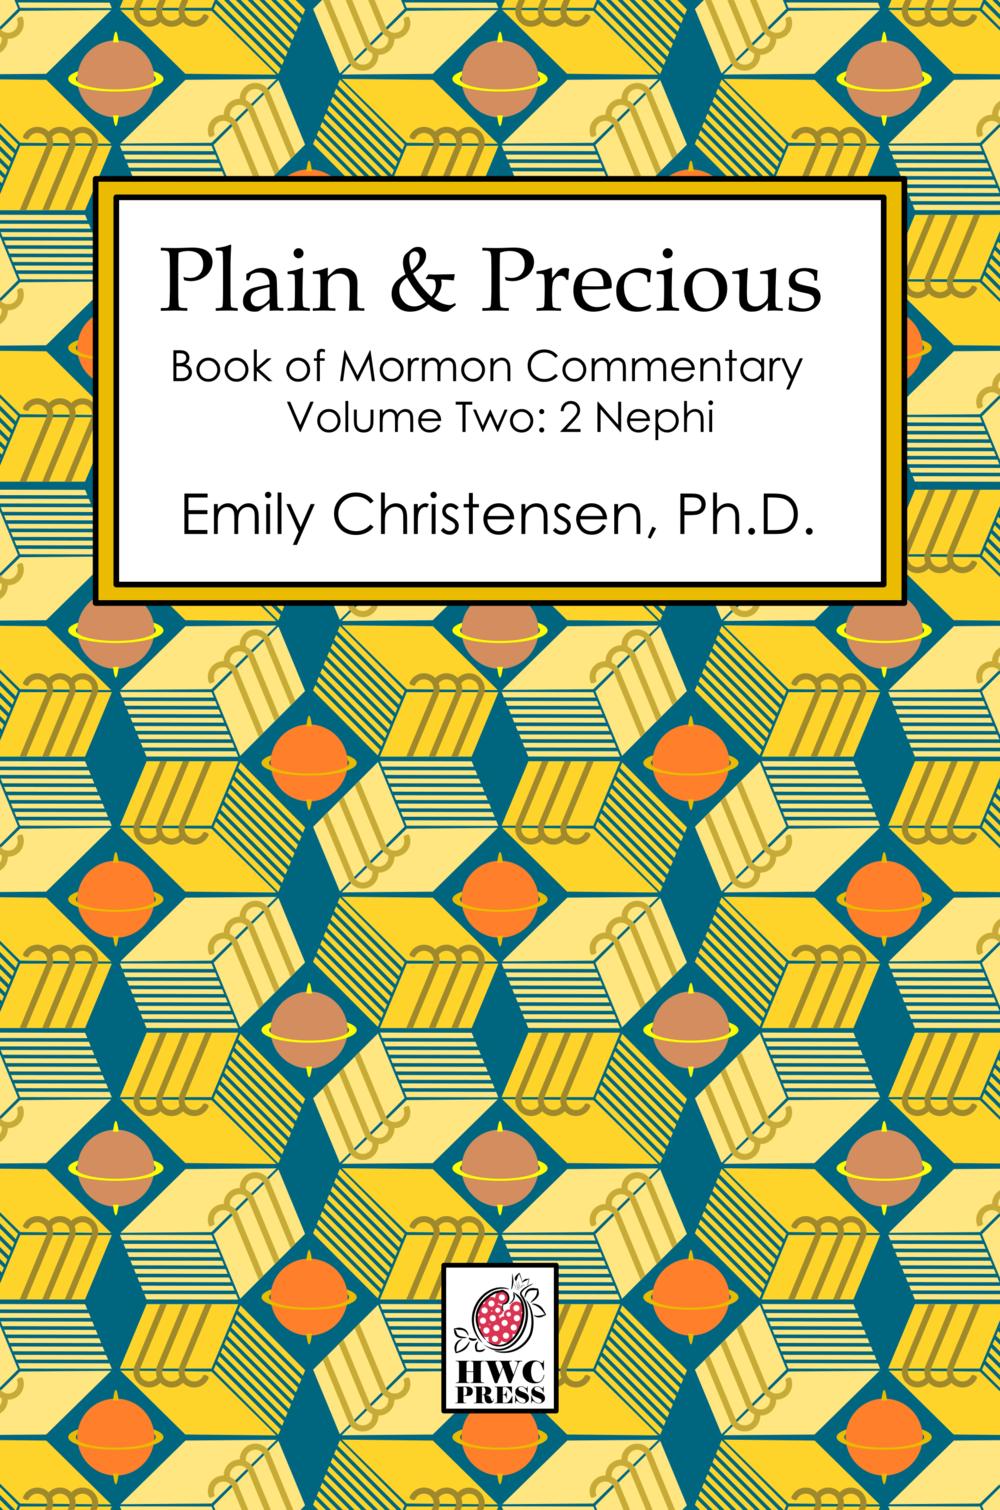 Plain&Precious PrintFrontCover2.png